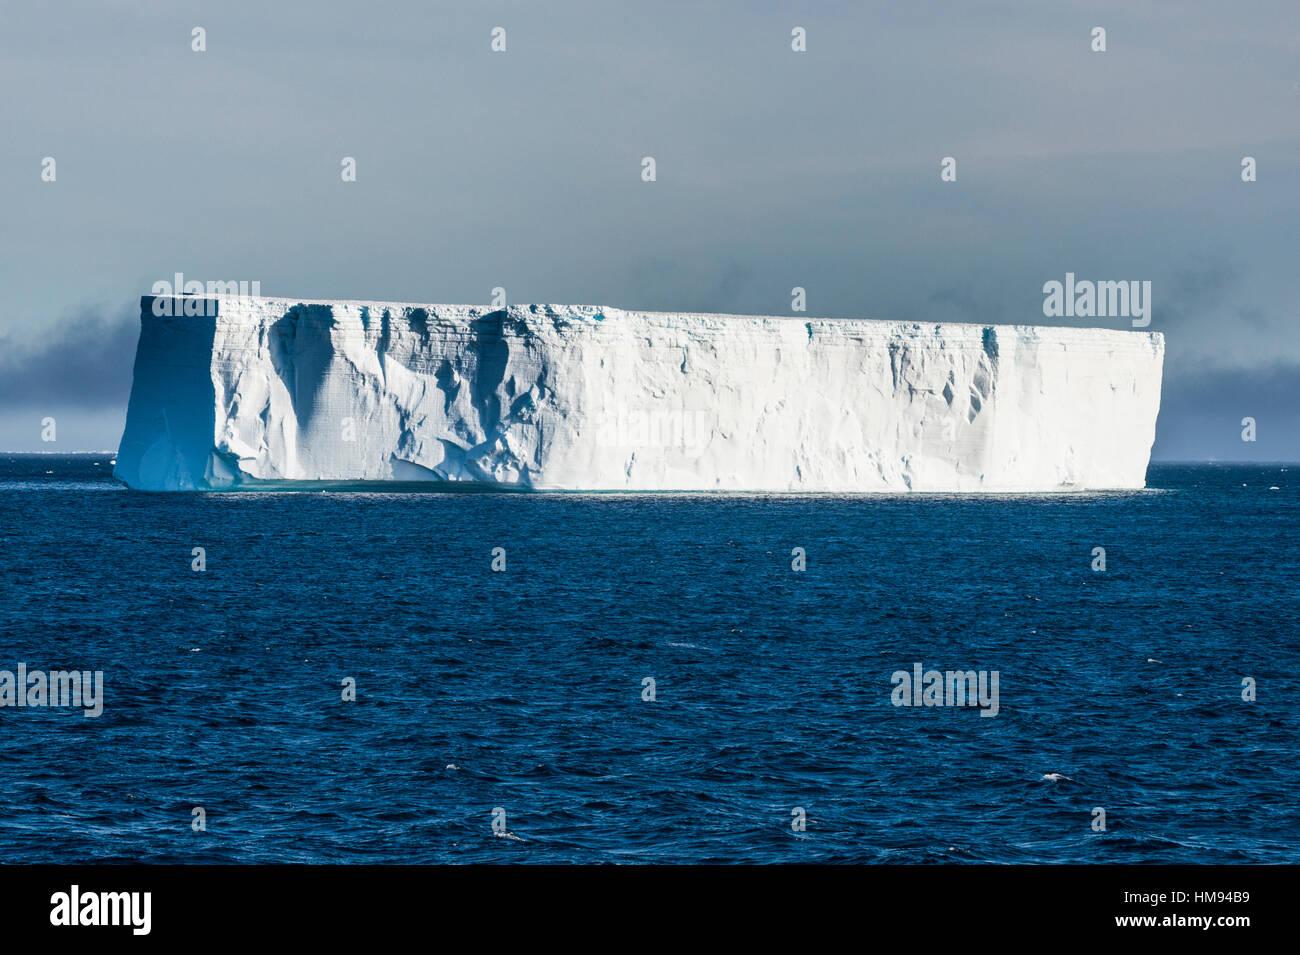 Gros iceberg flottant dans la mer de Weddell, l'Antarctique, régions polaires Photo Stock